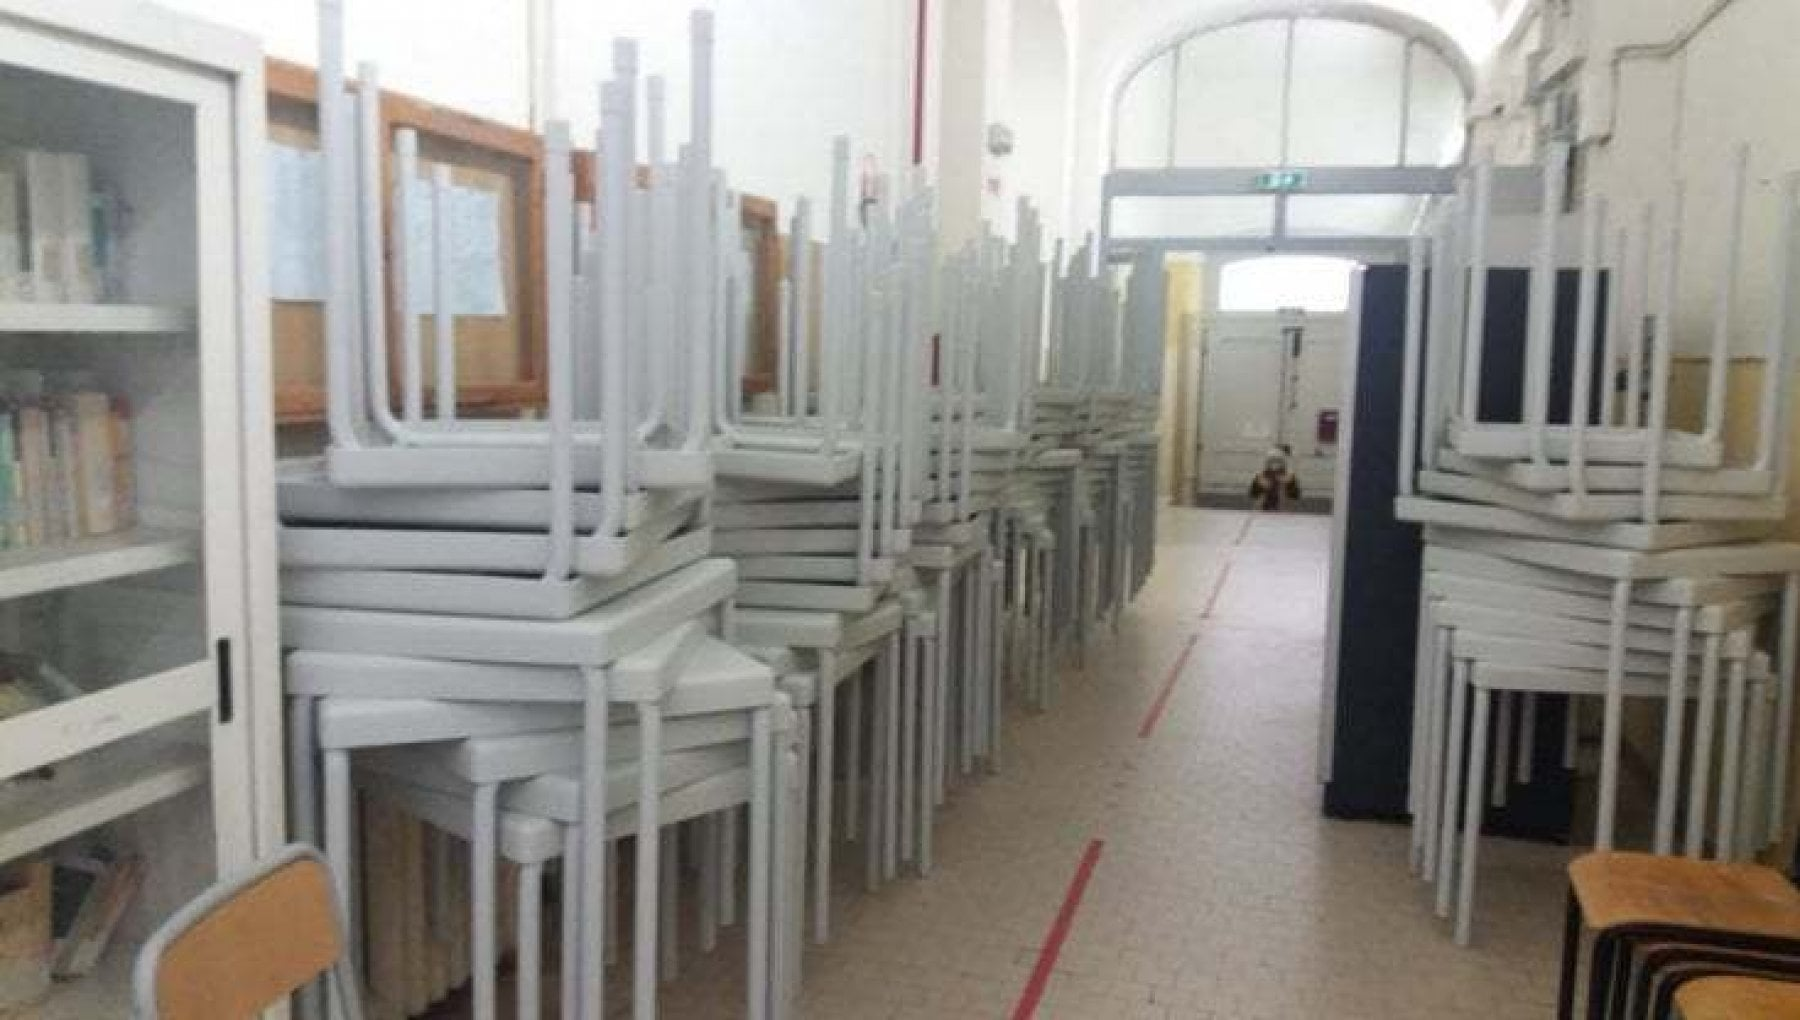 Scuola, extralarge e in ritardo: il pasticcio dei banchi ...